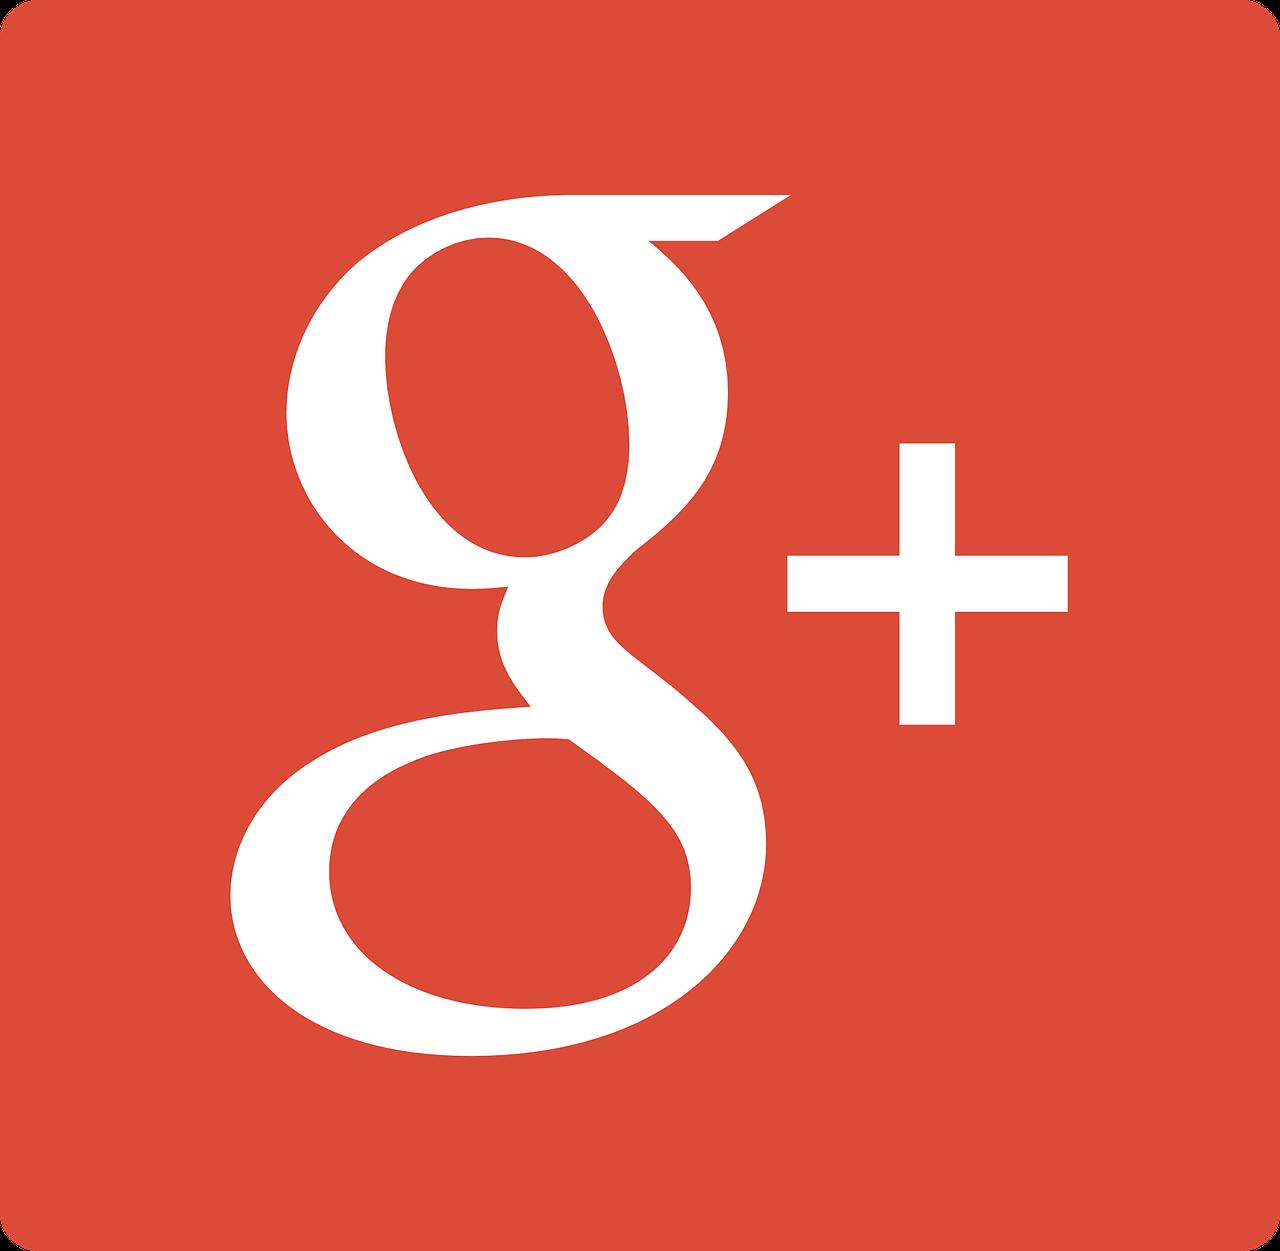 Pourquoi Google Plus est un échec ?